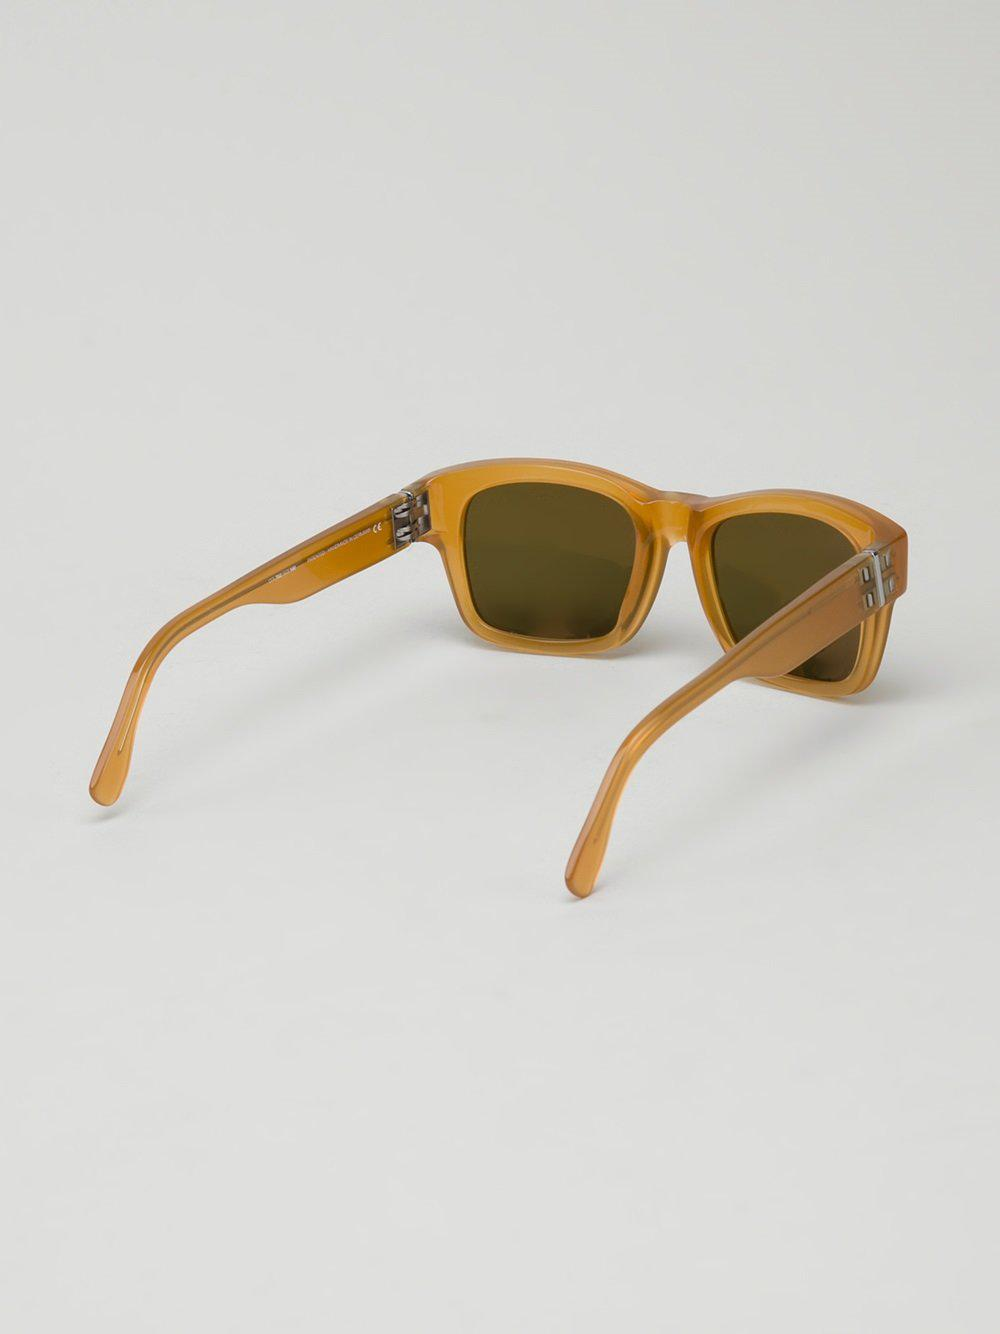 Mykita 'herbie' Sunglasses in Yellow & Orange (Green)